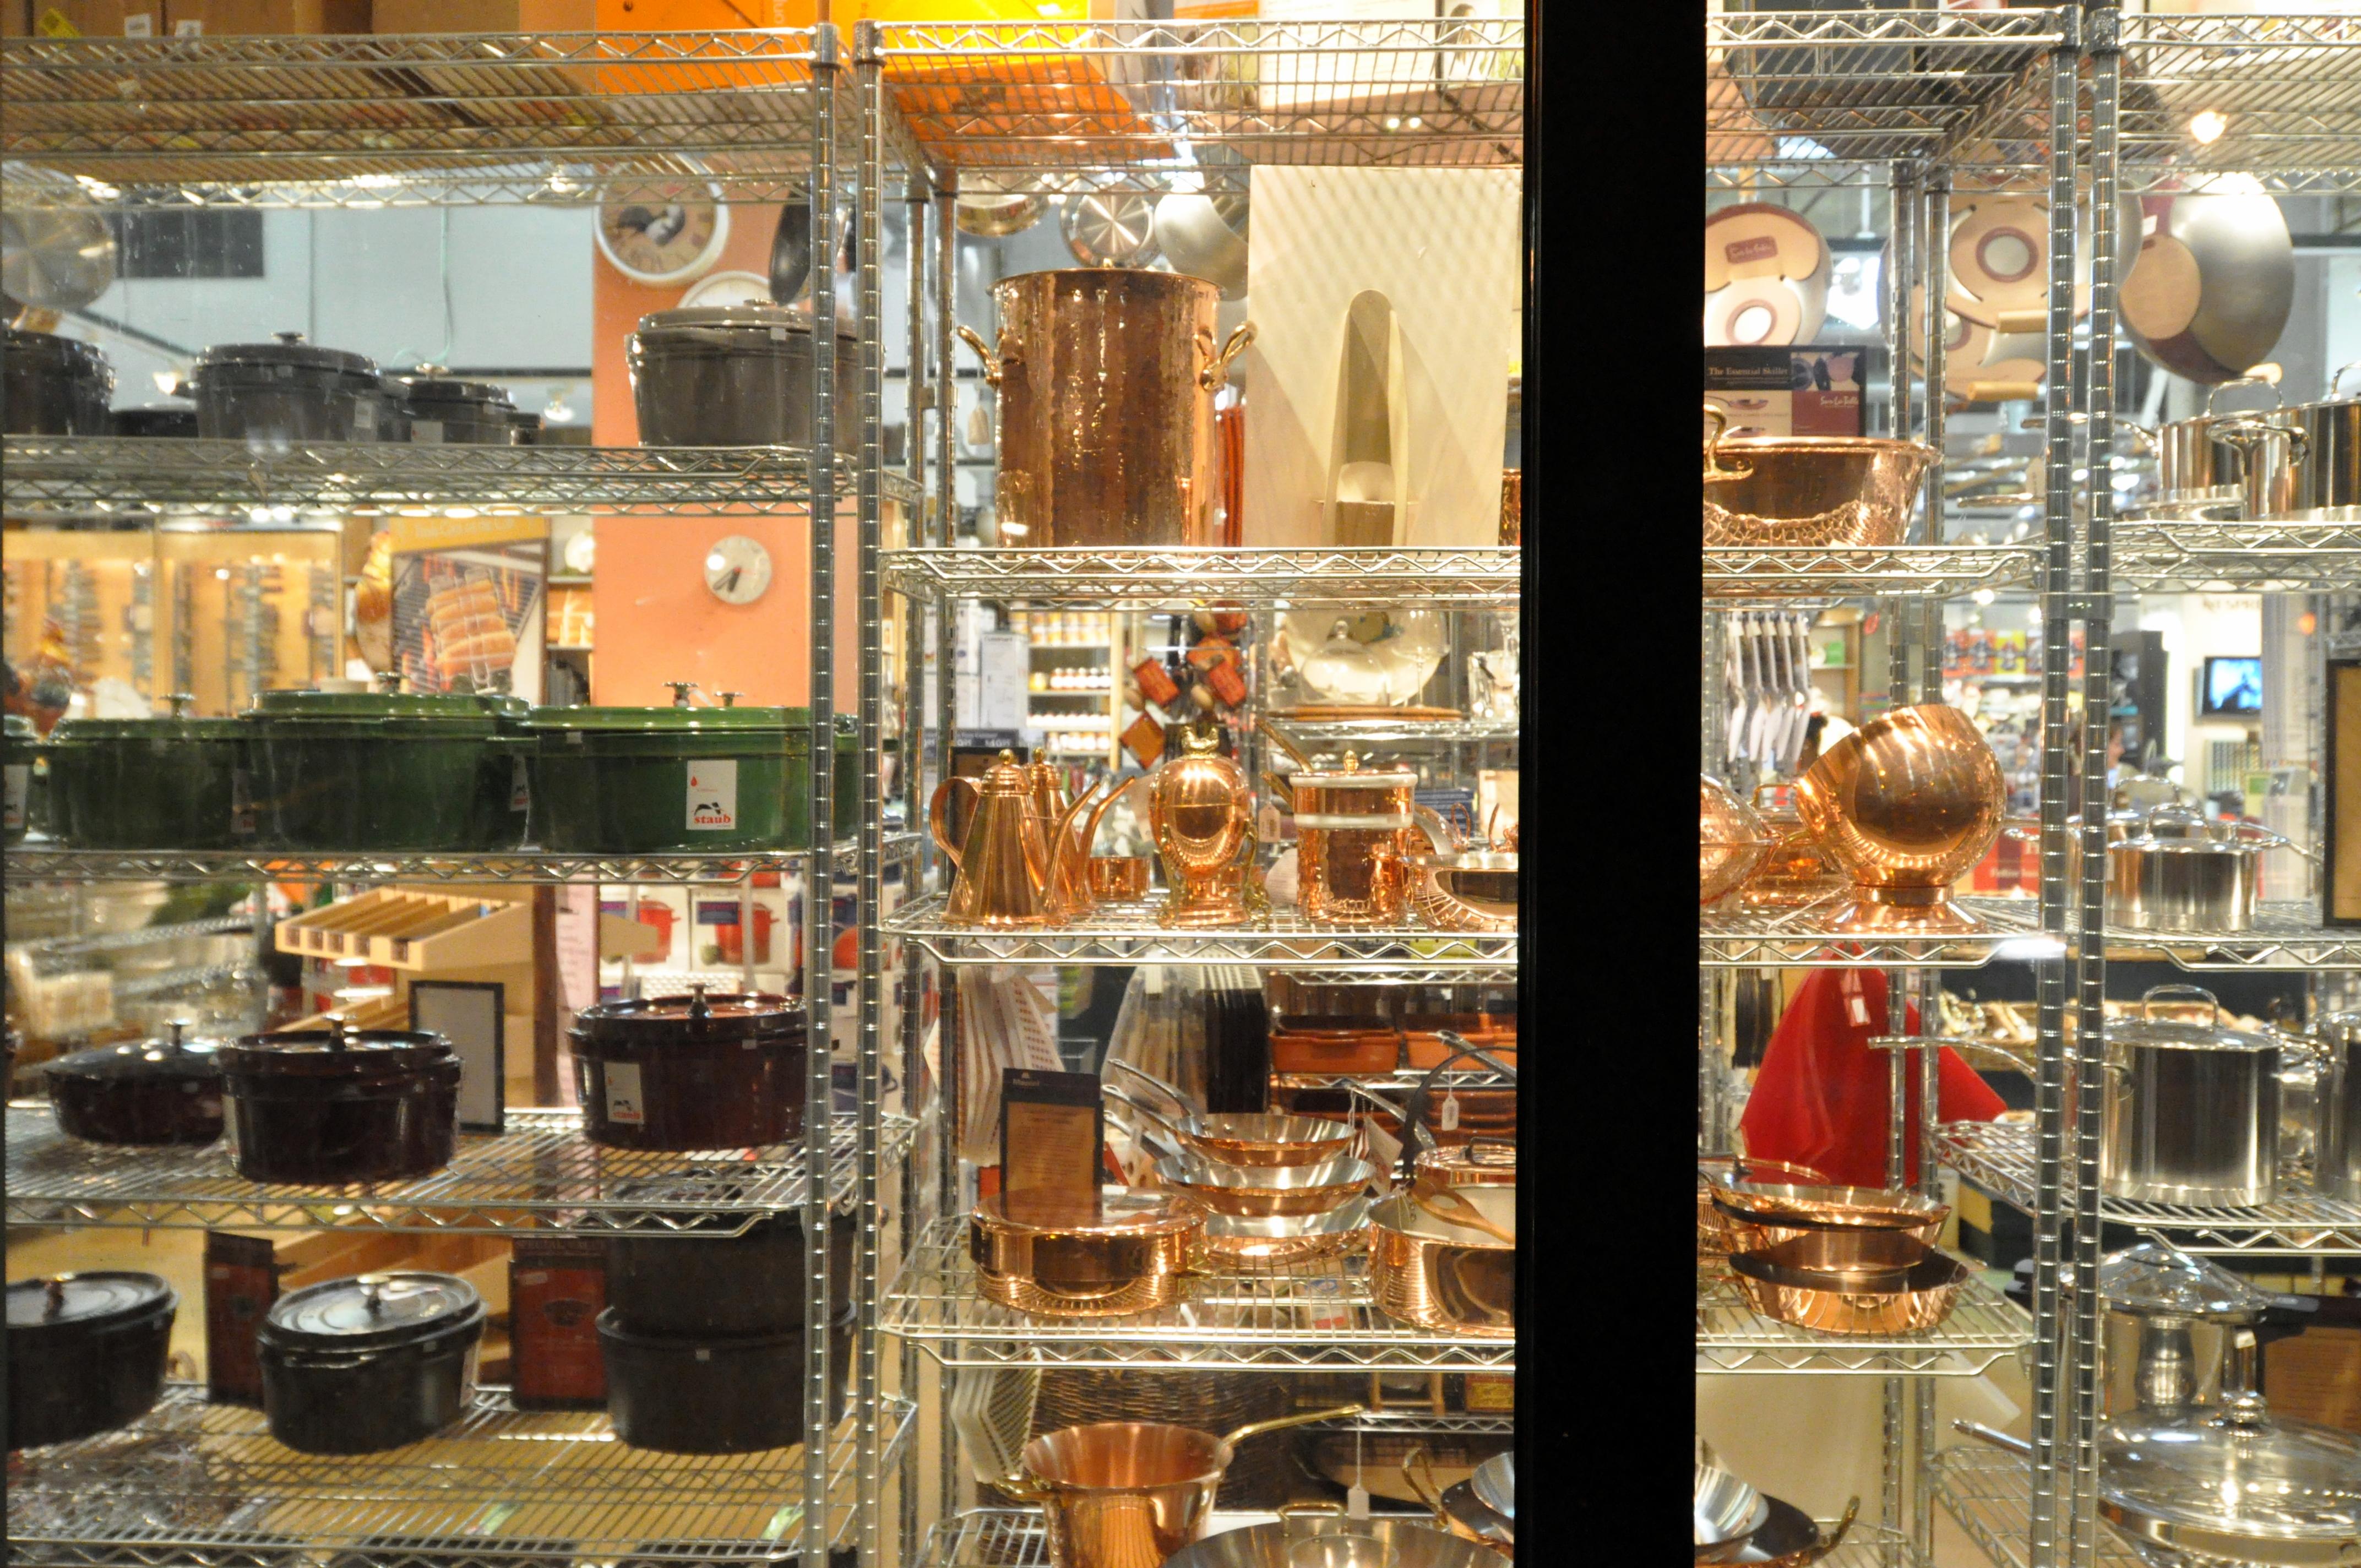 sur la table window kitchenwares viewed through window